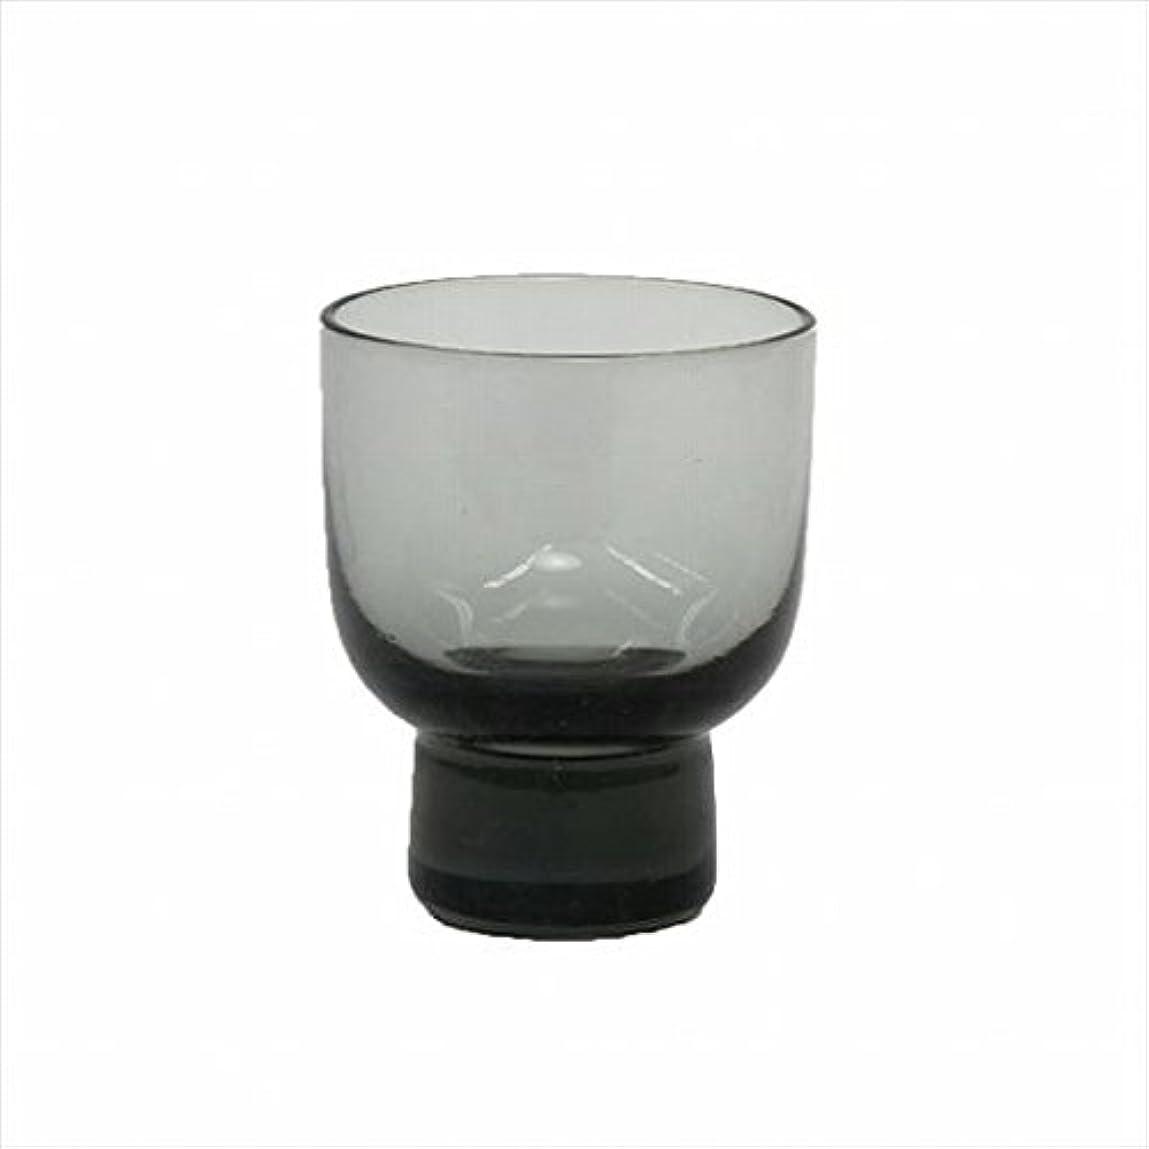 ロケット定常アヒルカメヤマキャンドル(kameyama candle) ロキカップ 「 スモーク 」